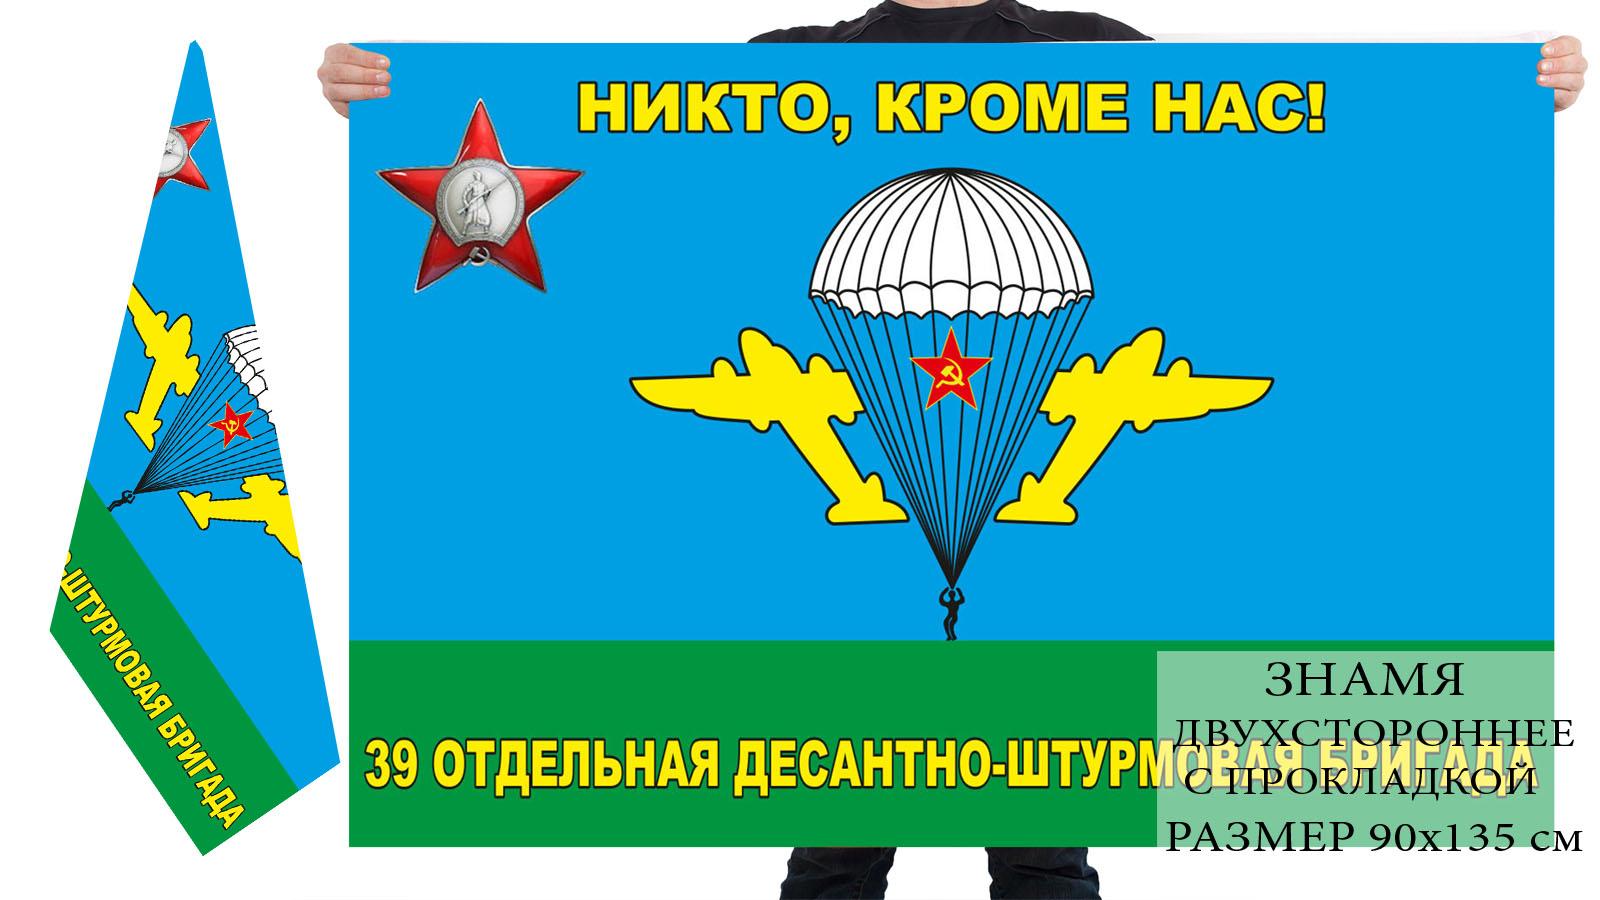 """Двусторонний флаг ВДВ """"Никто, кроме нас!"""" 39 отдельная десантно-штурмовая бригада"""